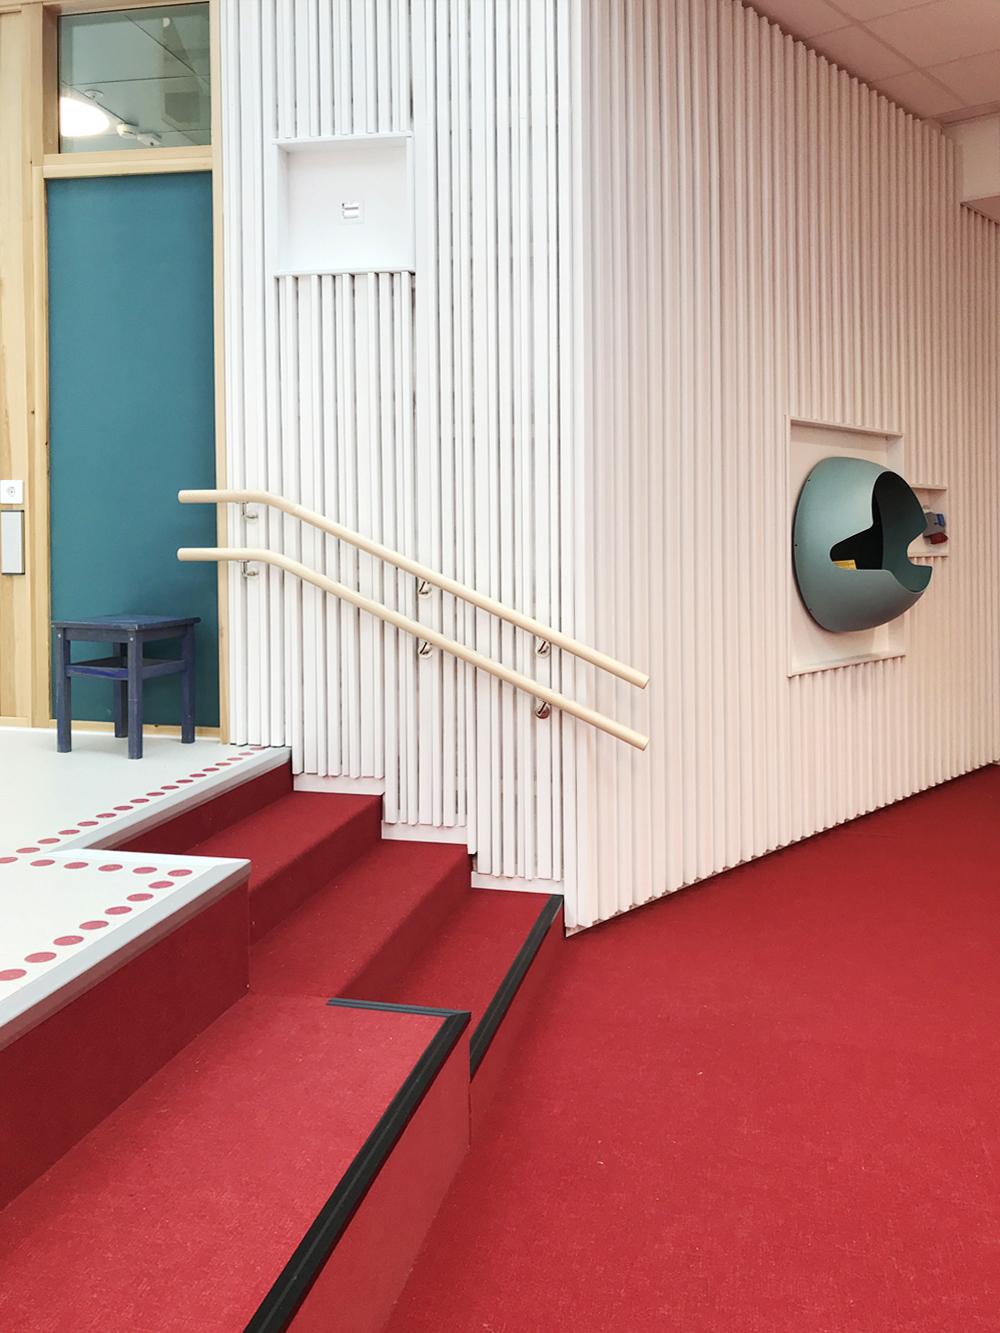 Sittrappa och golvär klädda med mjukt material och på väggarna finns en ljuddämpande akustikpanel.